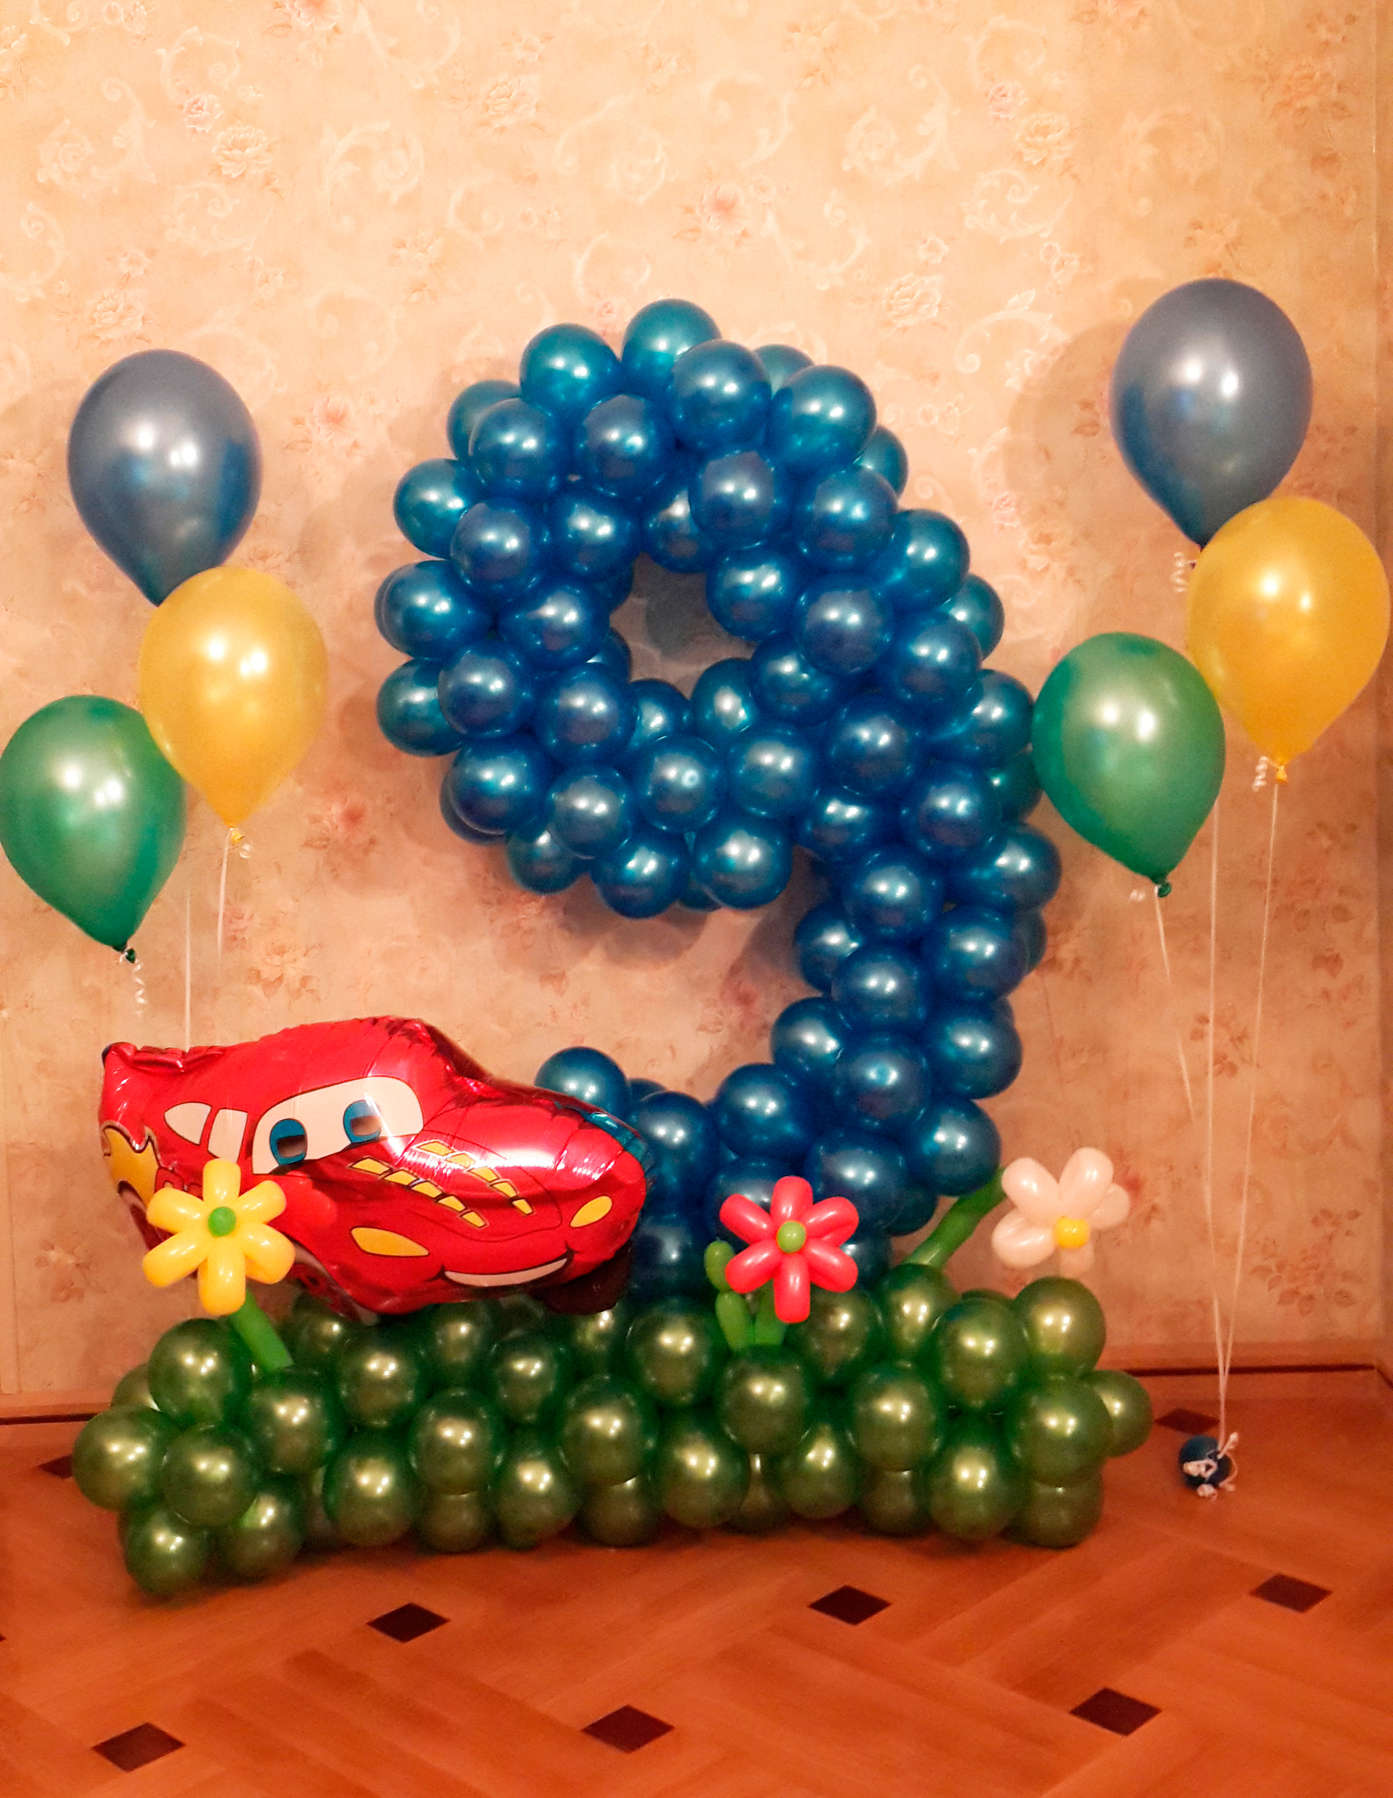 Фото как сделать цифры из шаров своими руками